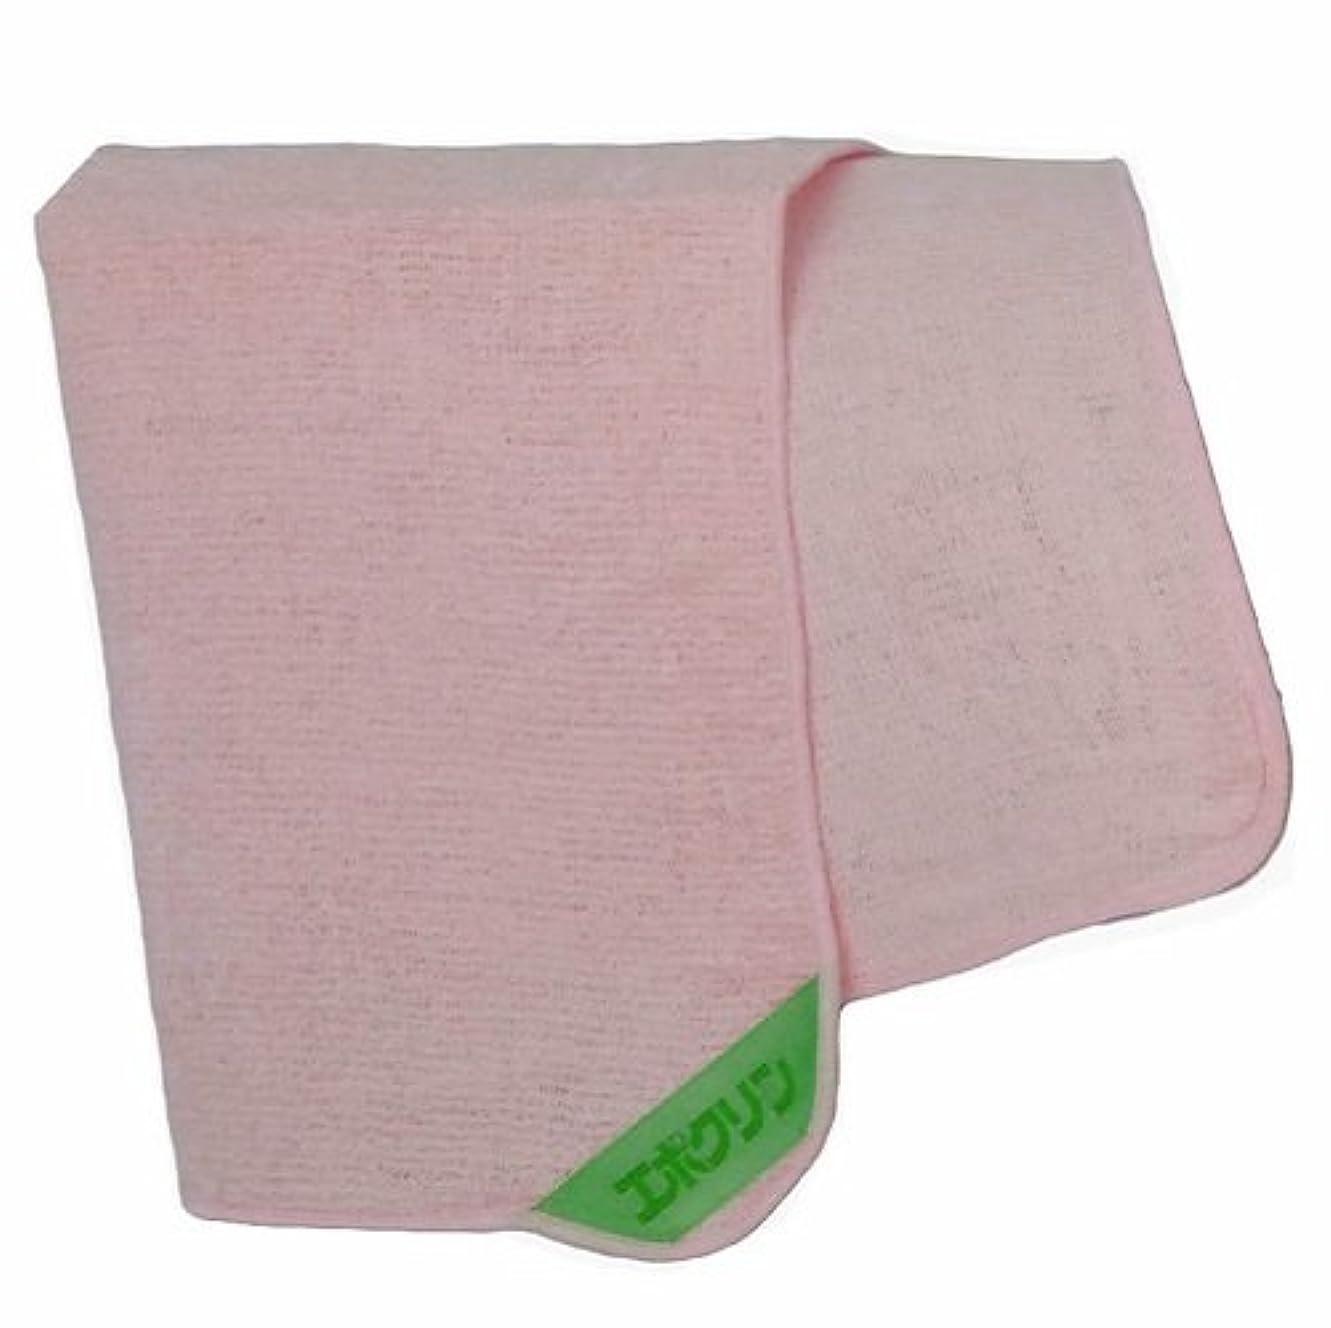 水分りコンチネンタルフェイスタオル ツヤピカ ピンク